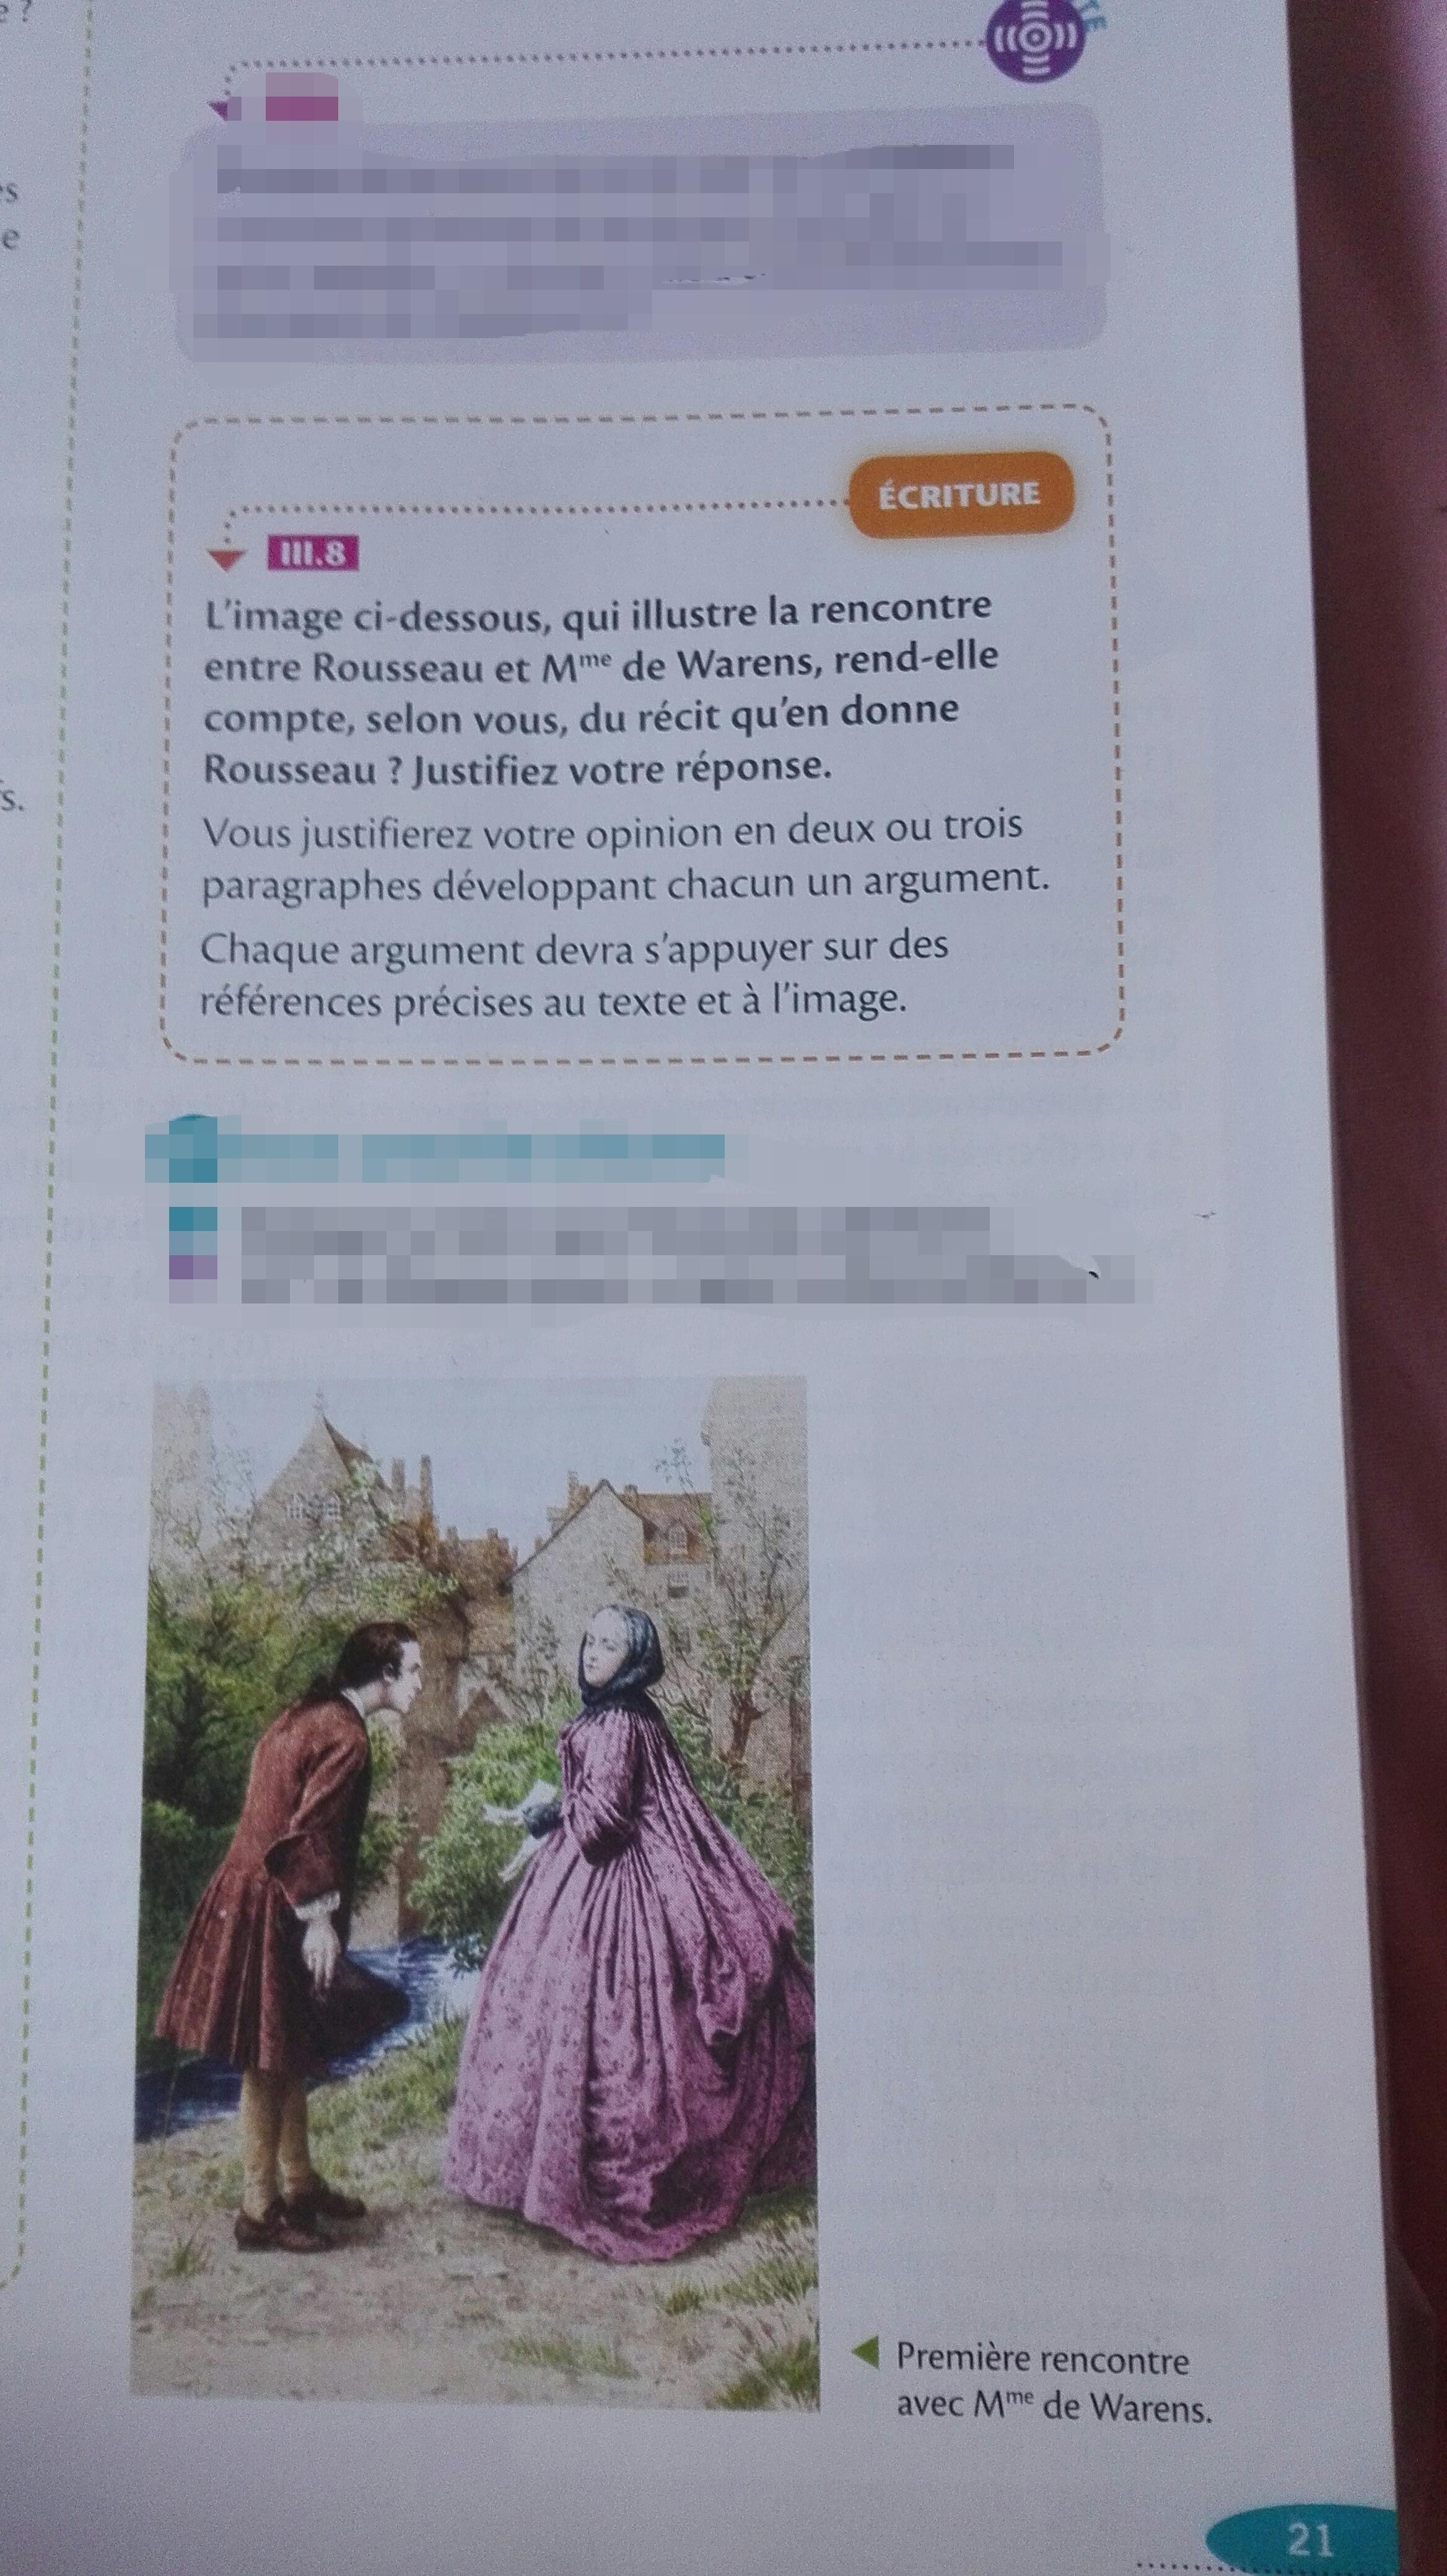 La rencontre avec Mme de Warens, Les Confessions, Rousseau